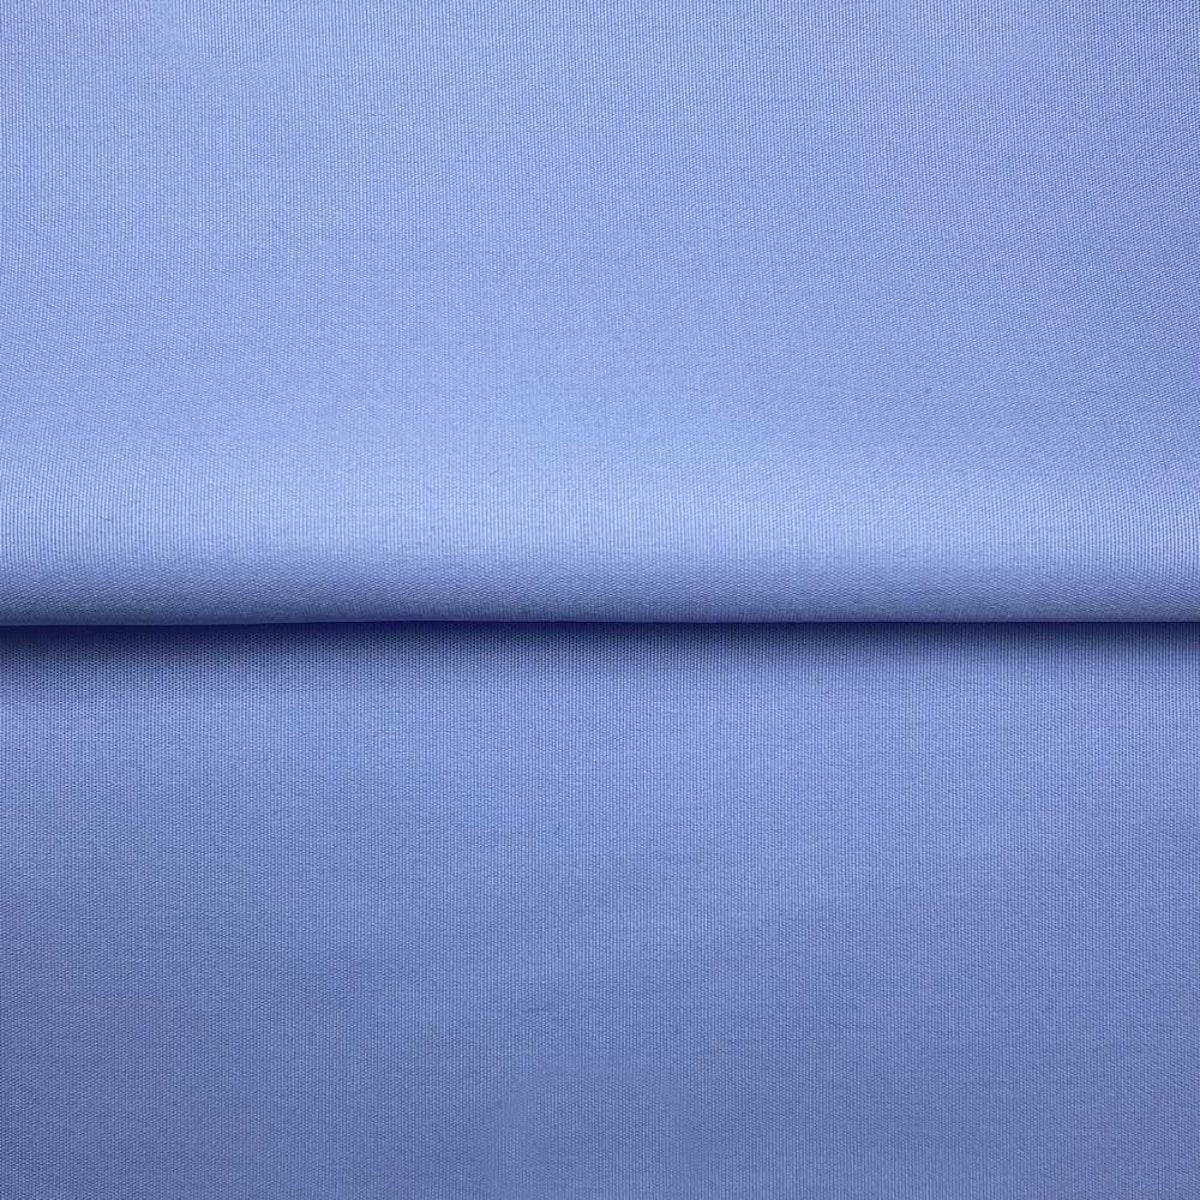 InStitchu Shirt Fabric 53